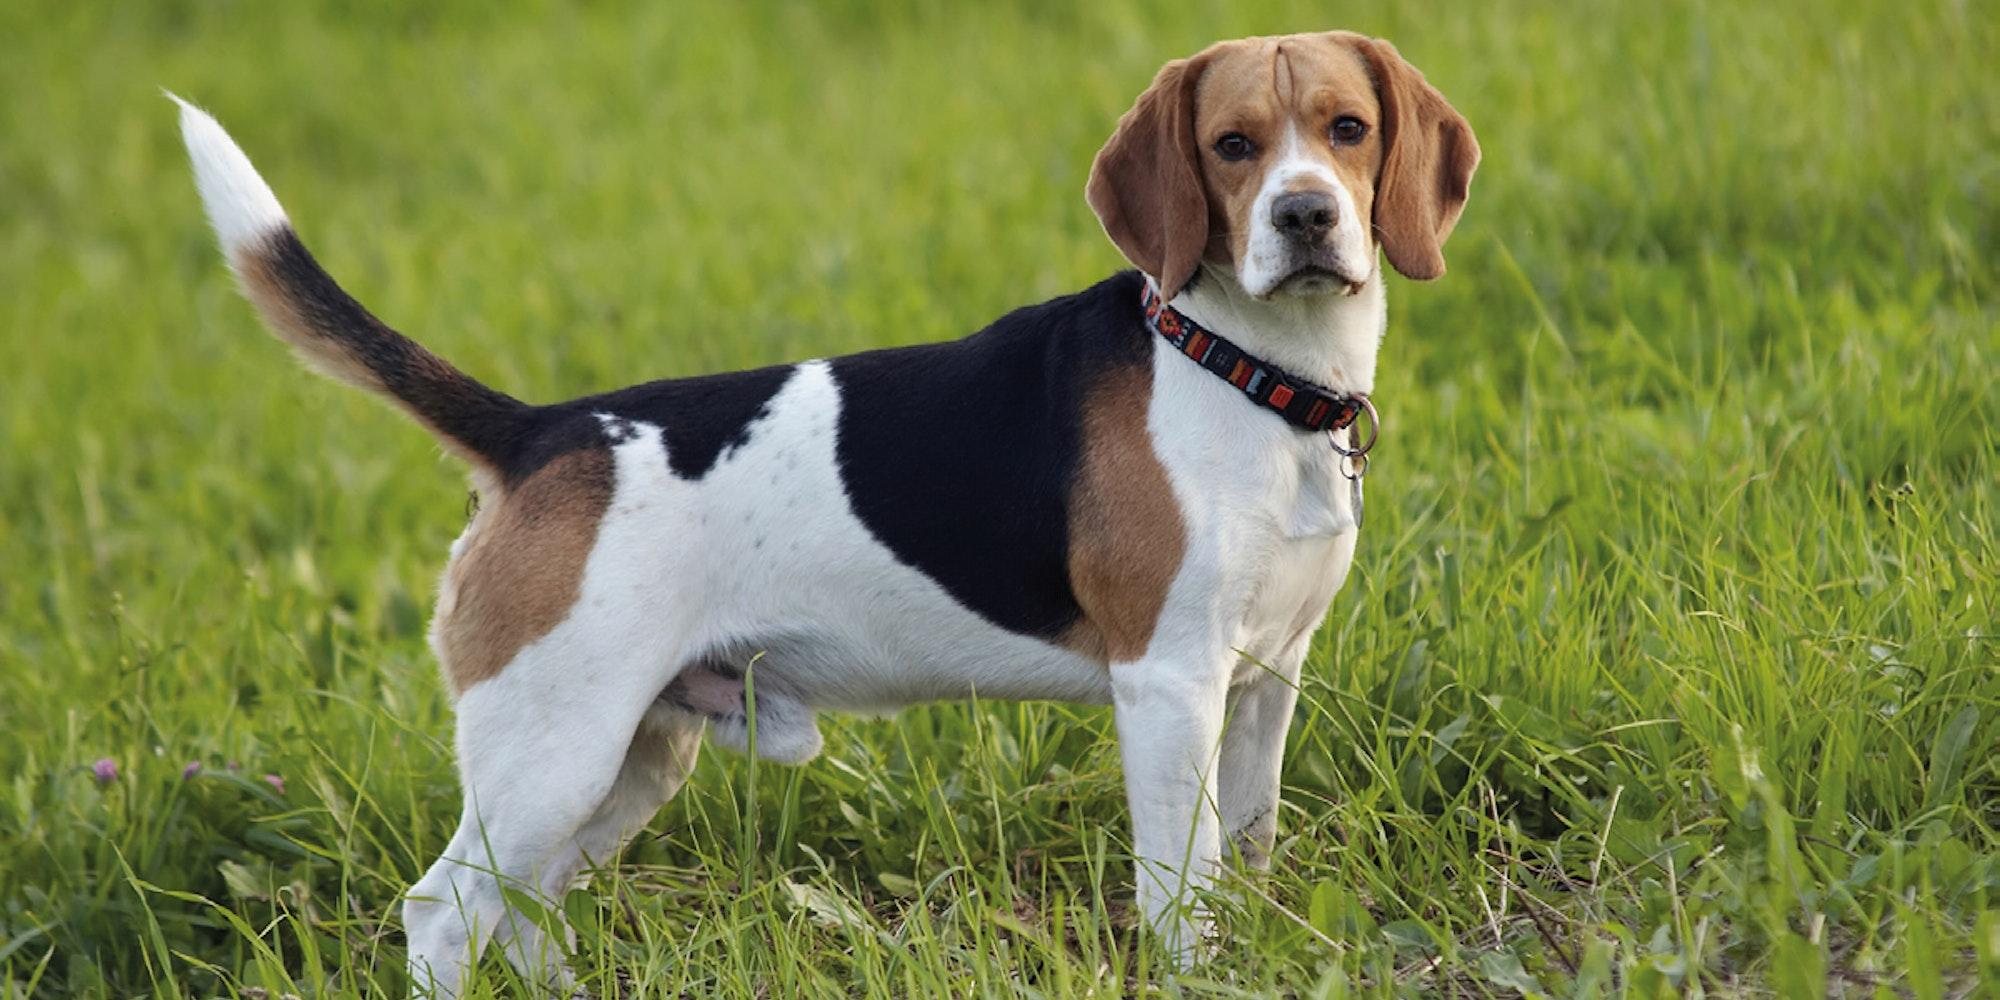 Cover Image for Los perros pueden oler el cáncer en la sangre con 97 % de exactitud